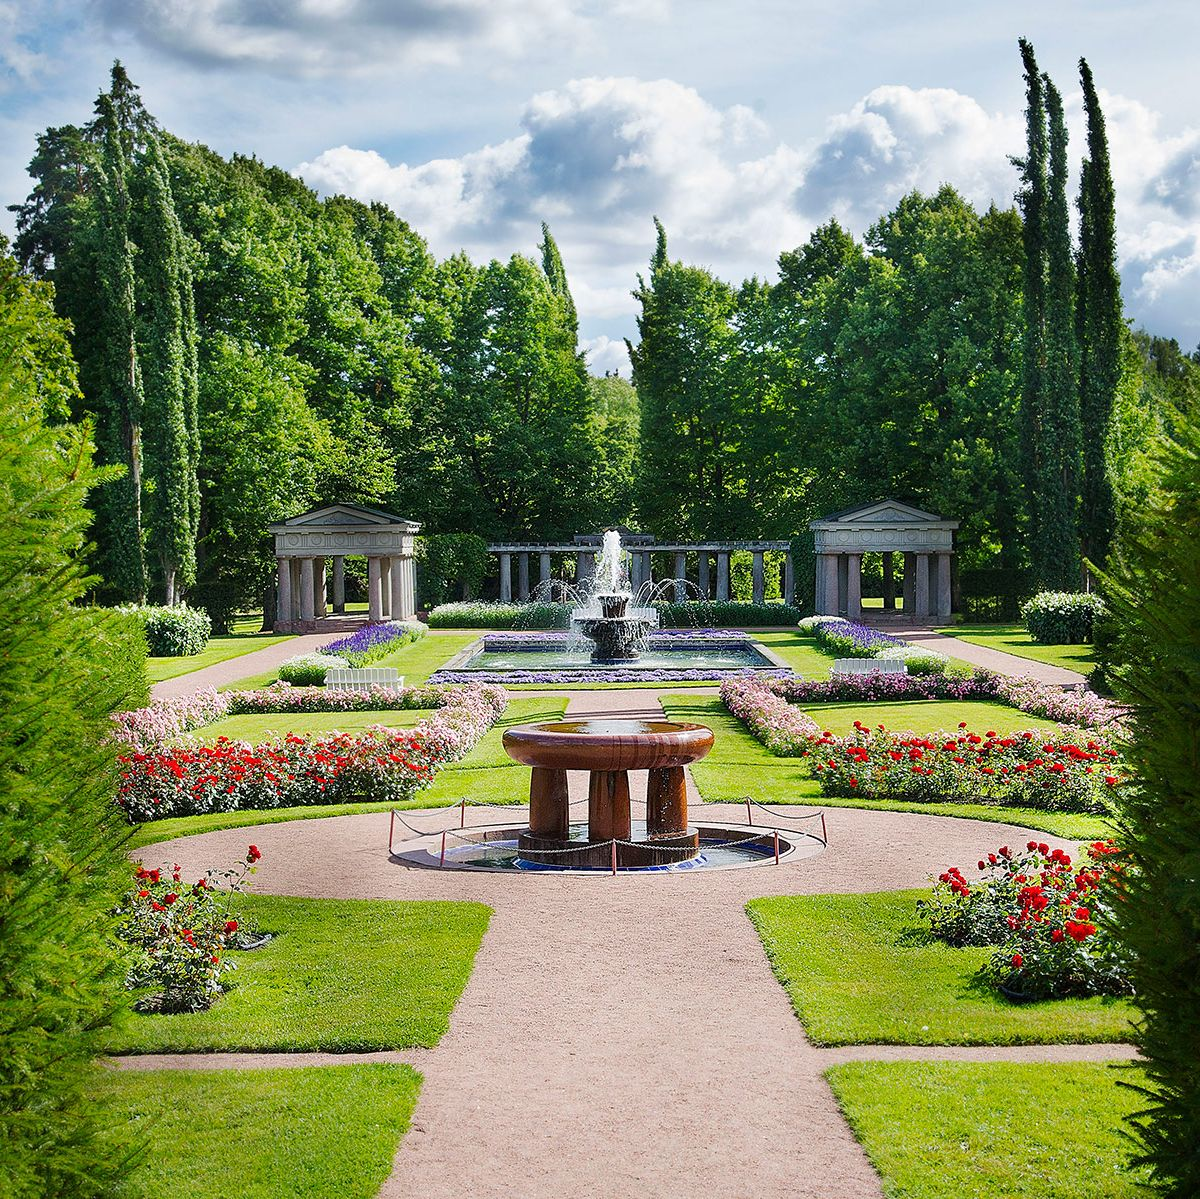 The lush green gardens at Kultaranta, the President's summer residence.